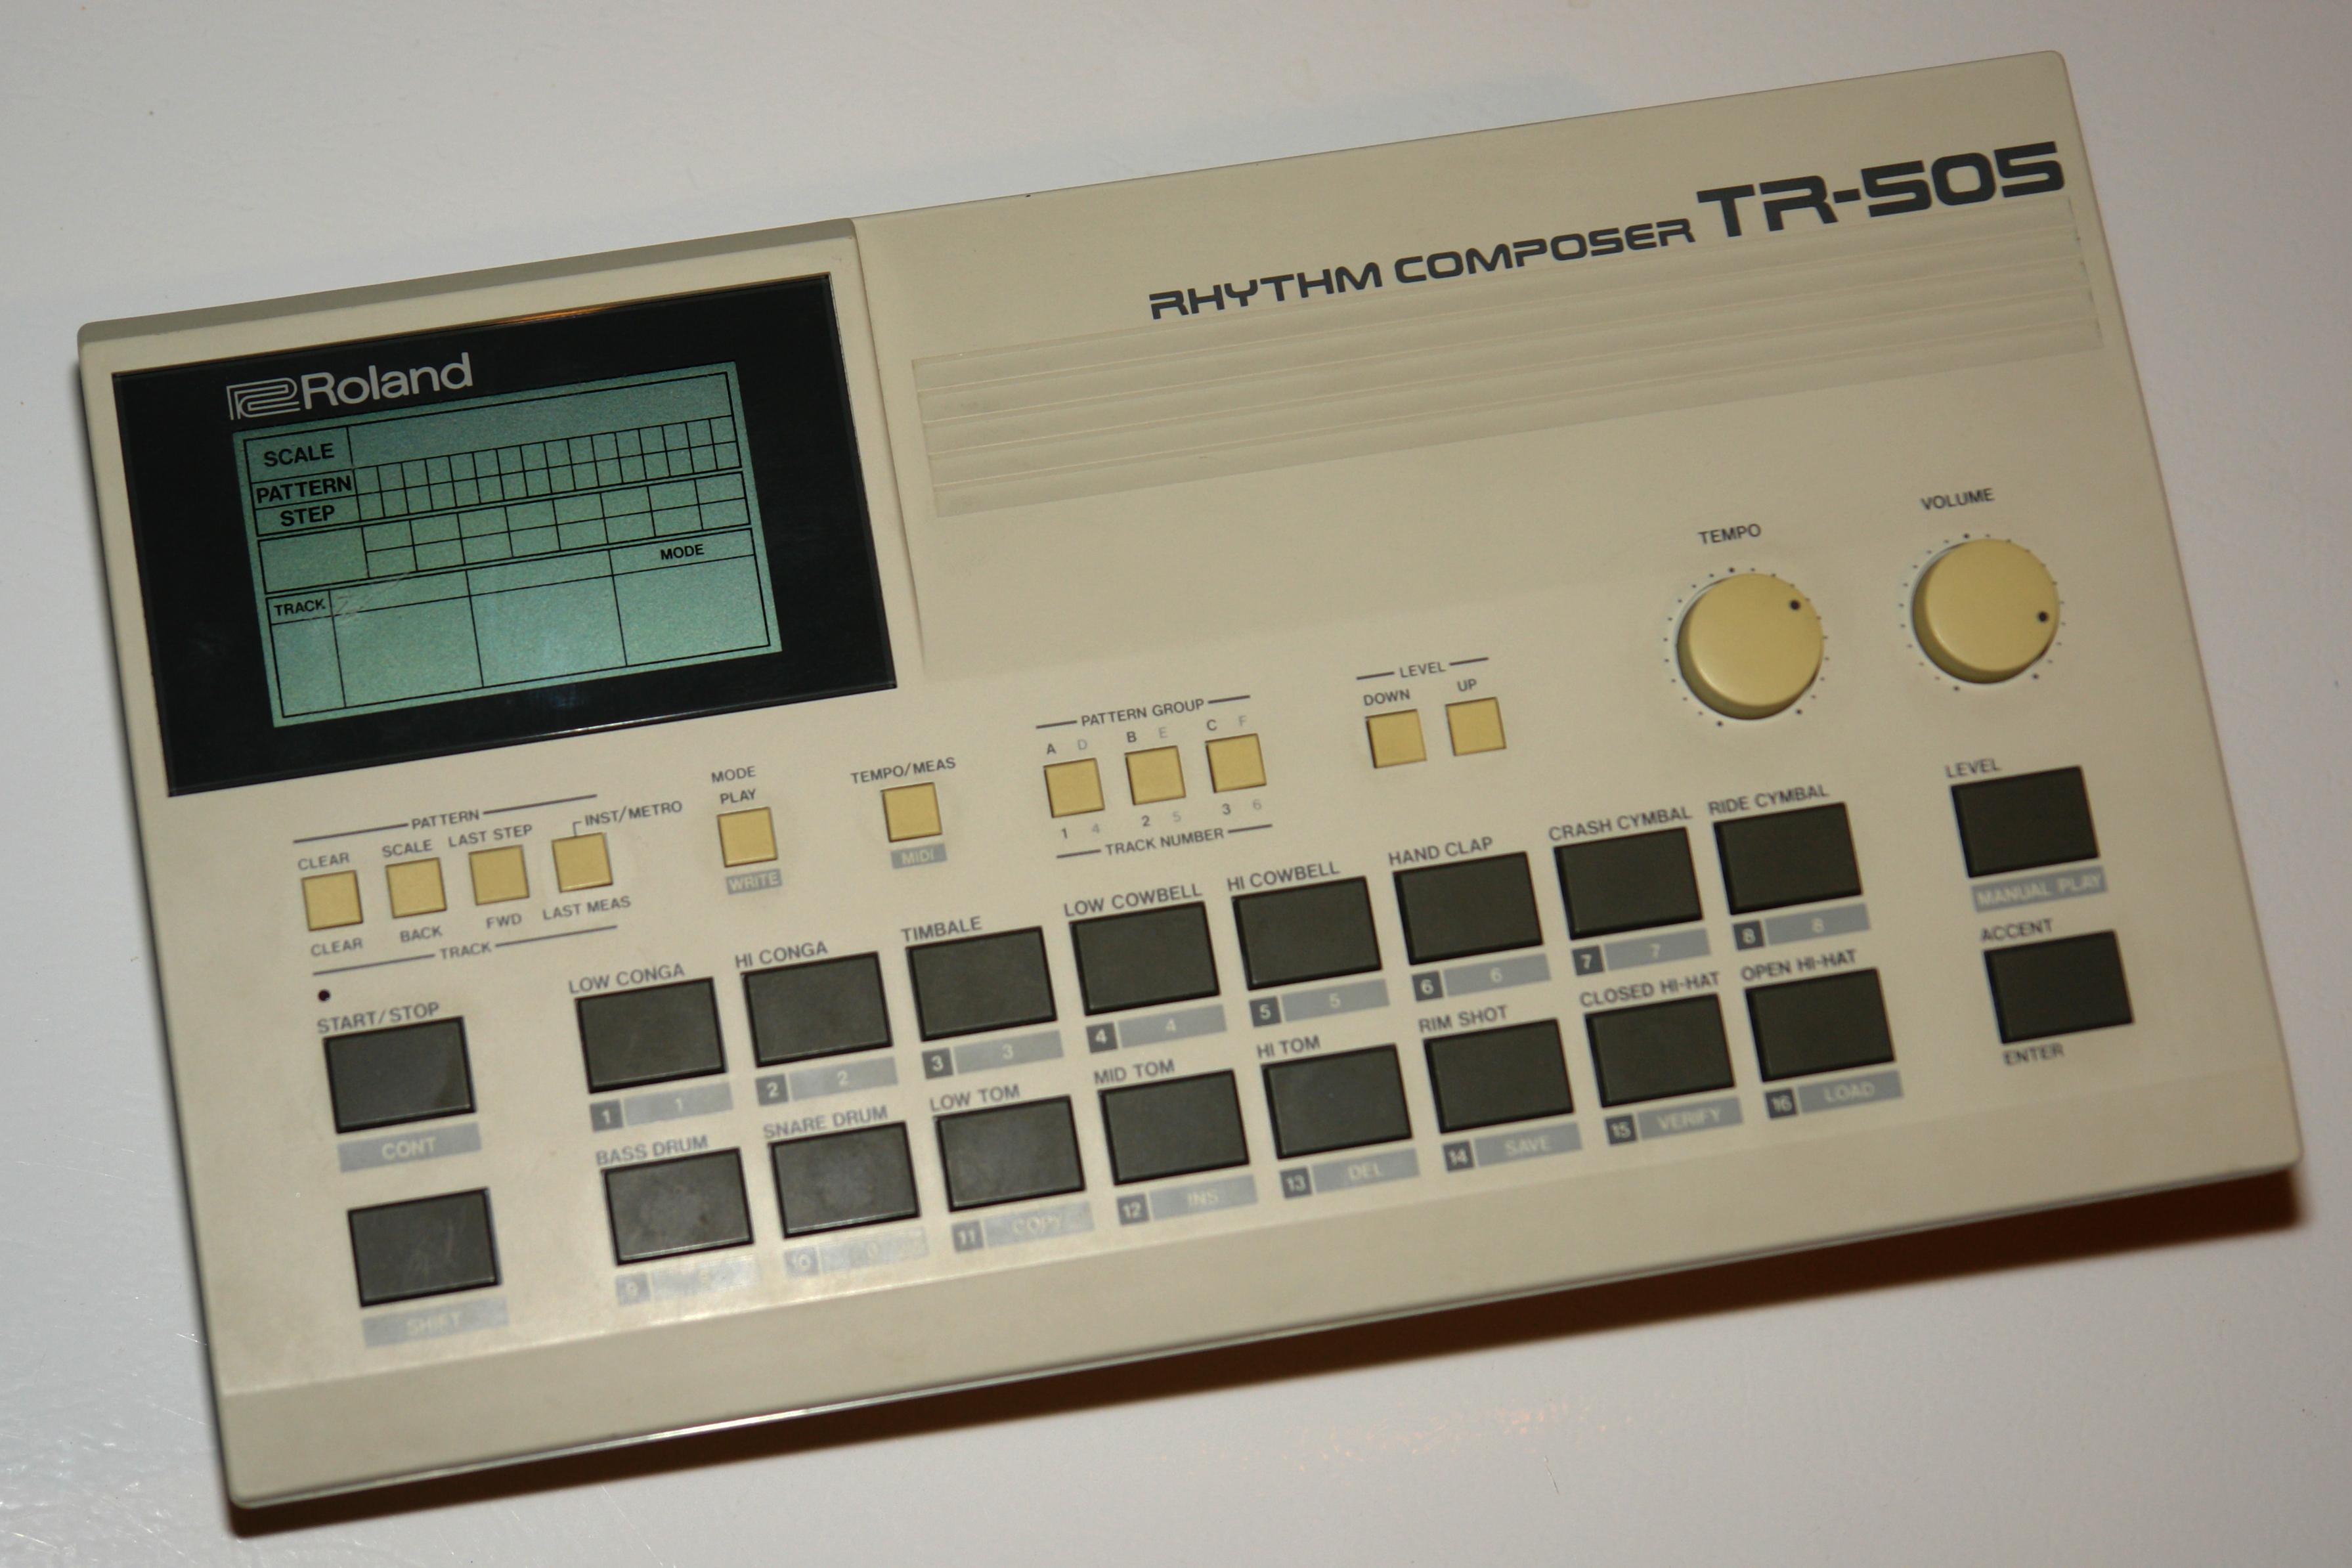 File:Roland TR-505 drum machine.jpg